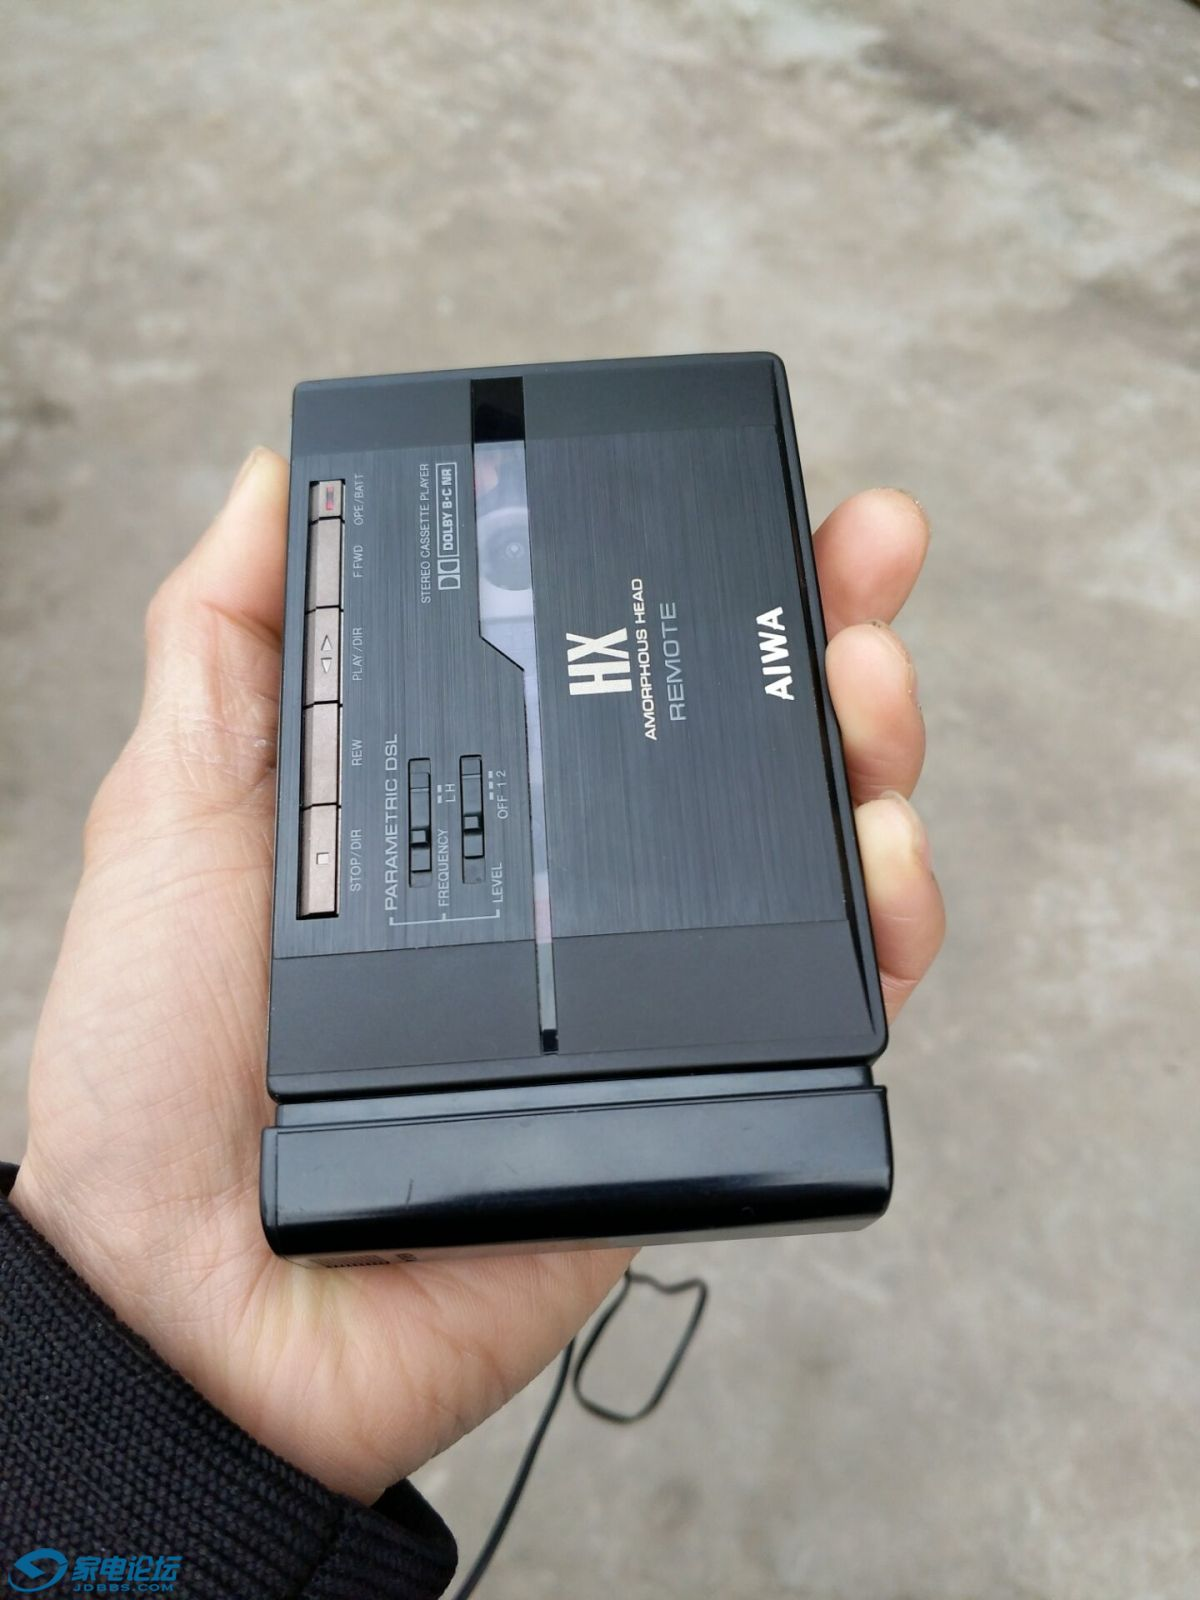 [磁带随身听出爱华px30d6c尖头全套国行d50px610开盘带电容麦